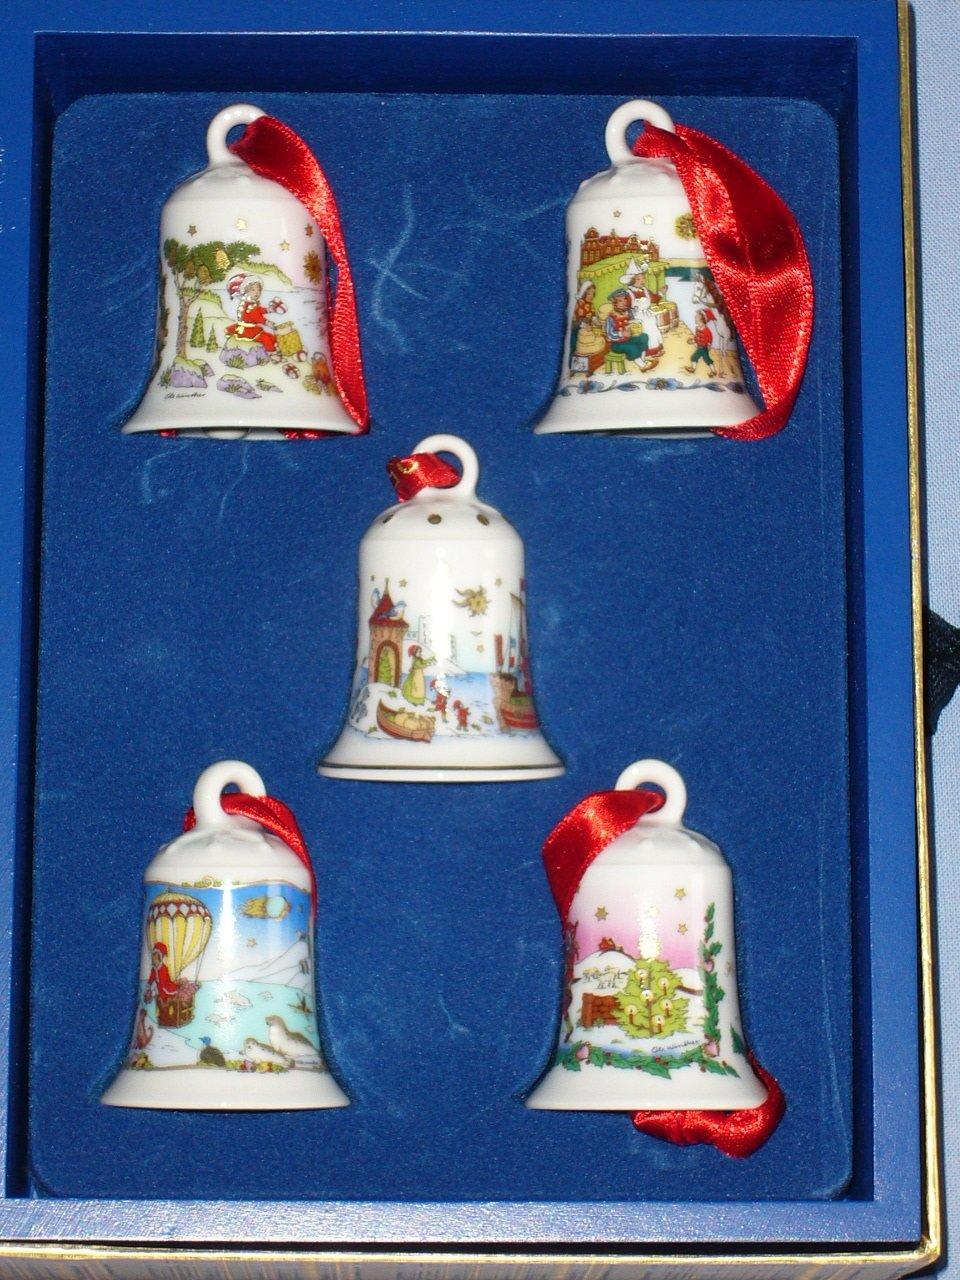 Hutschenreuther - Setzkasten mit 5 Miniglocken 1998-2002 - - - Limitierte Auflage 20.000 Exemplare - NEU OVP - Miniglocke - Mini-Glocke afc1fc